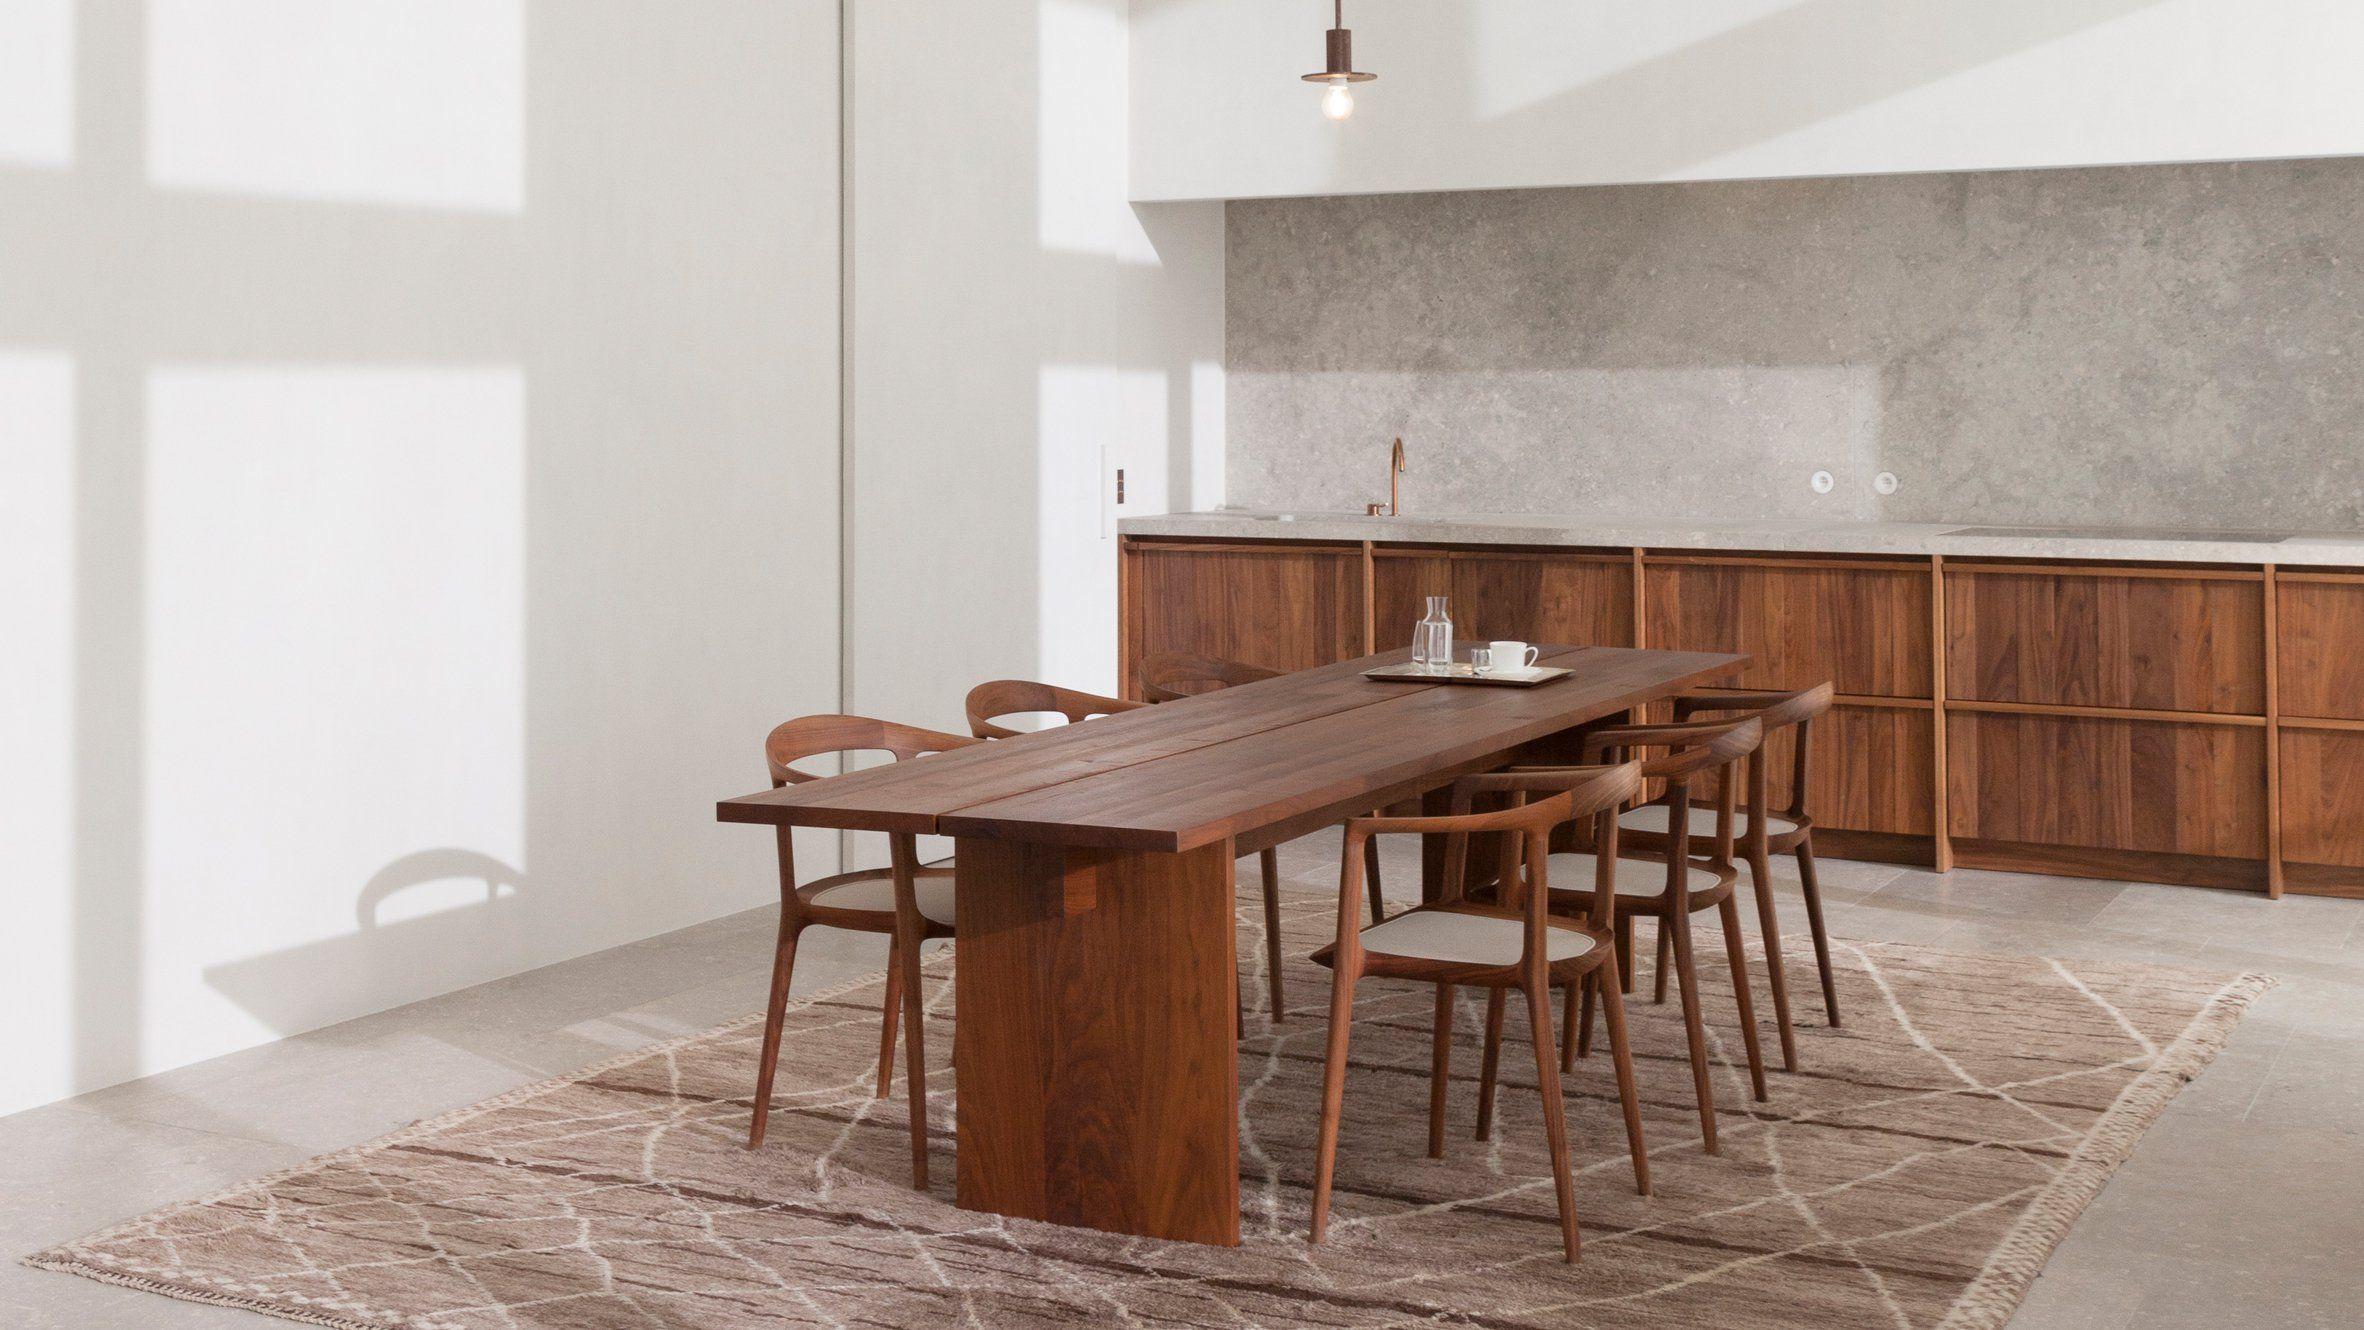 Penthouse westkaai by hans verstuyft architecten living dining